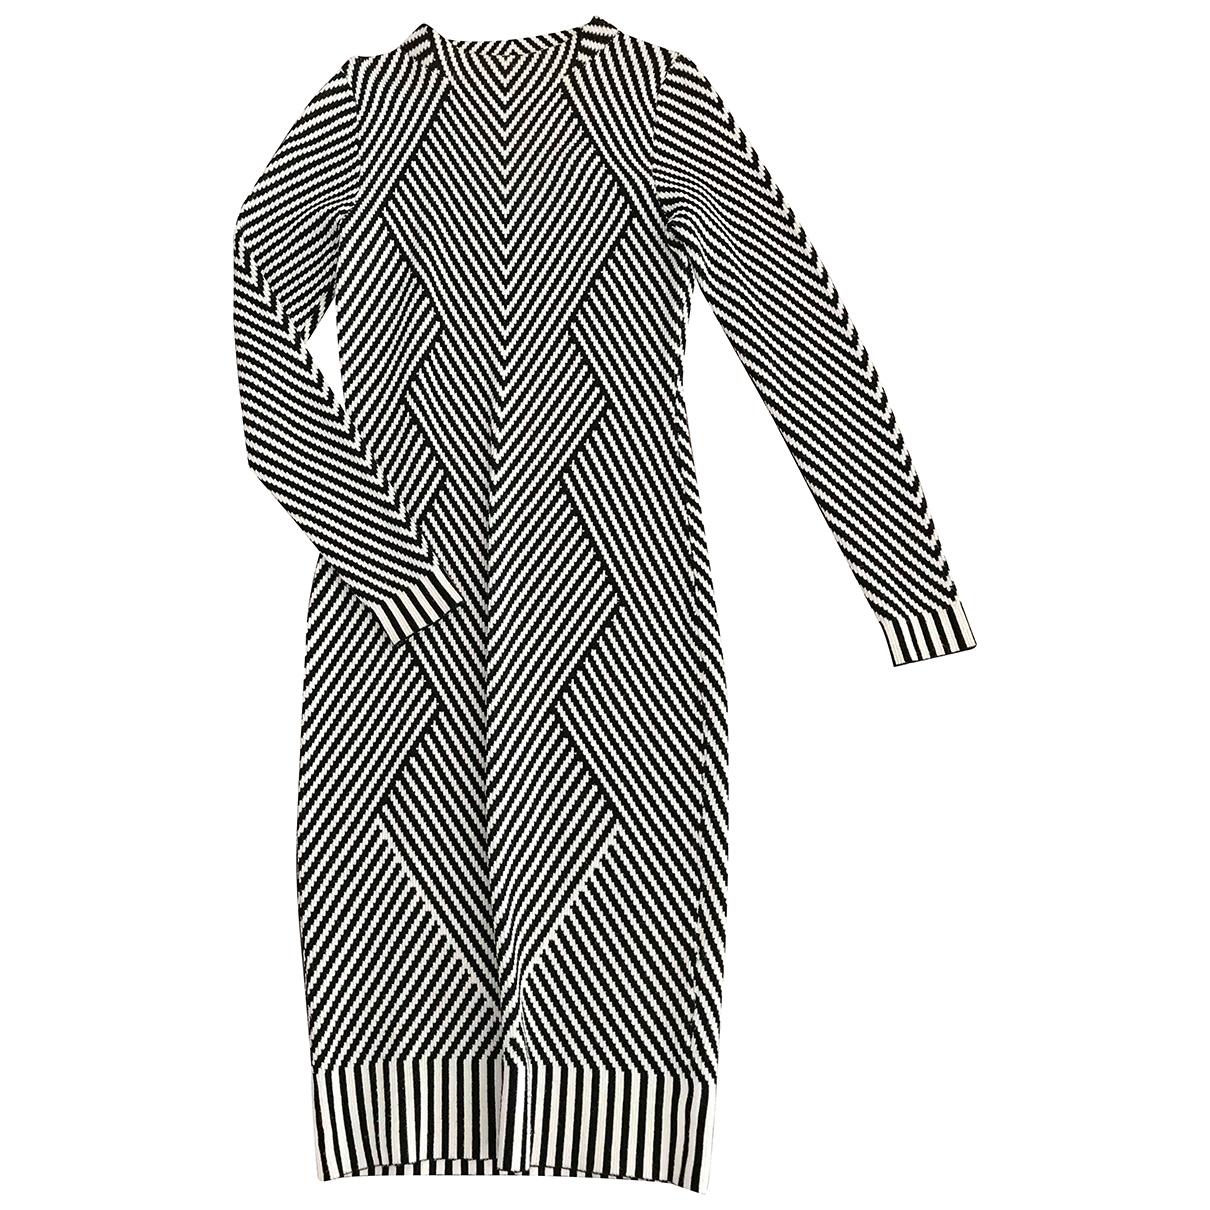 Karen Millen \N dress for Women 40 IT